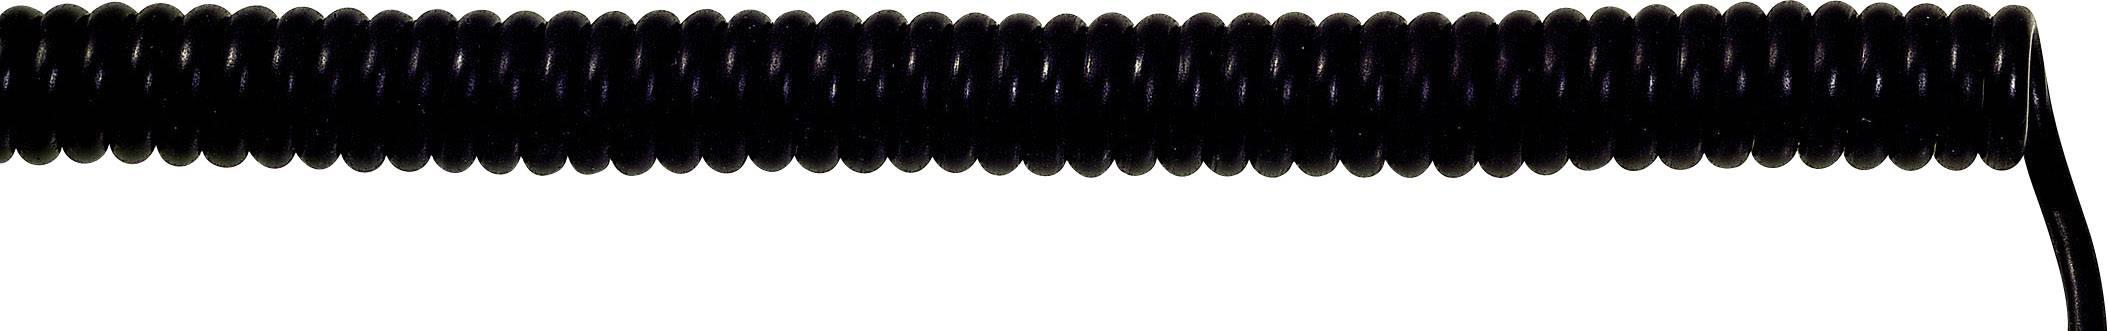 Špirálový kábel 73220225 UNITRONIC® SPIRAL 7 x 0.14 mm², 100 mm / 400 mm, čierna